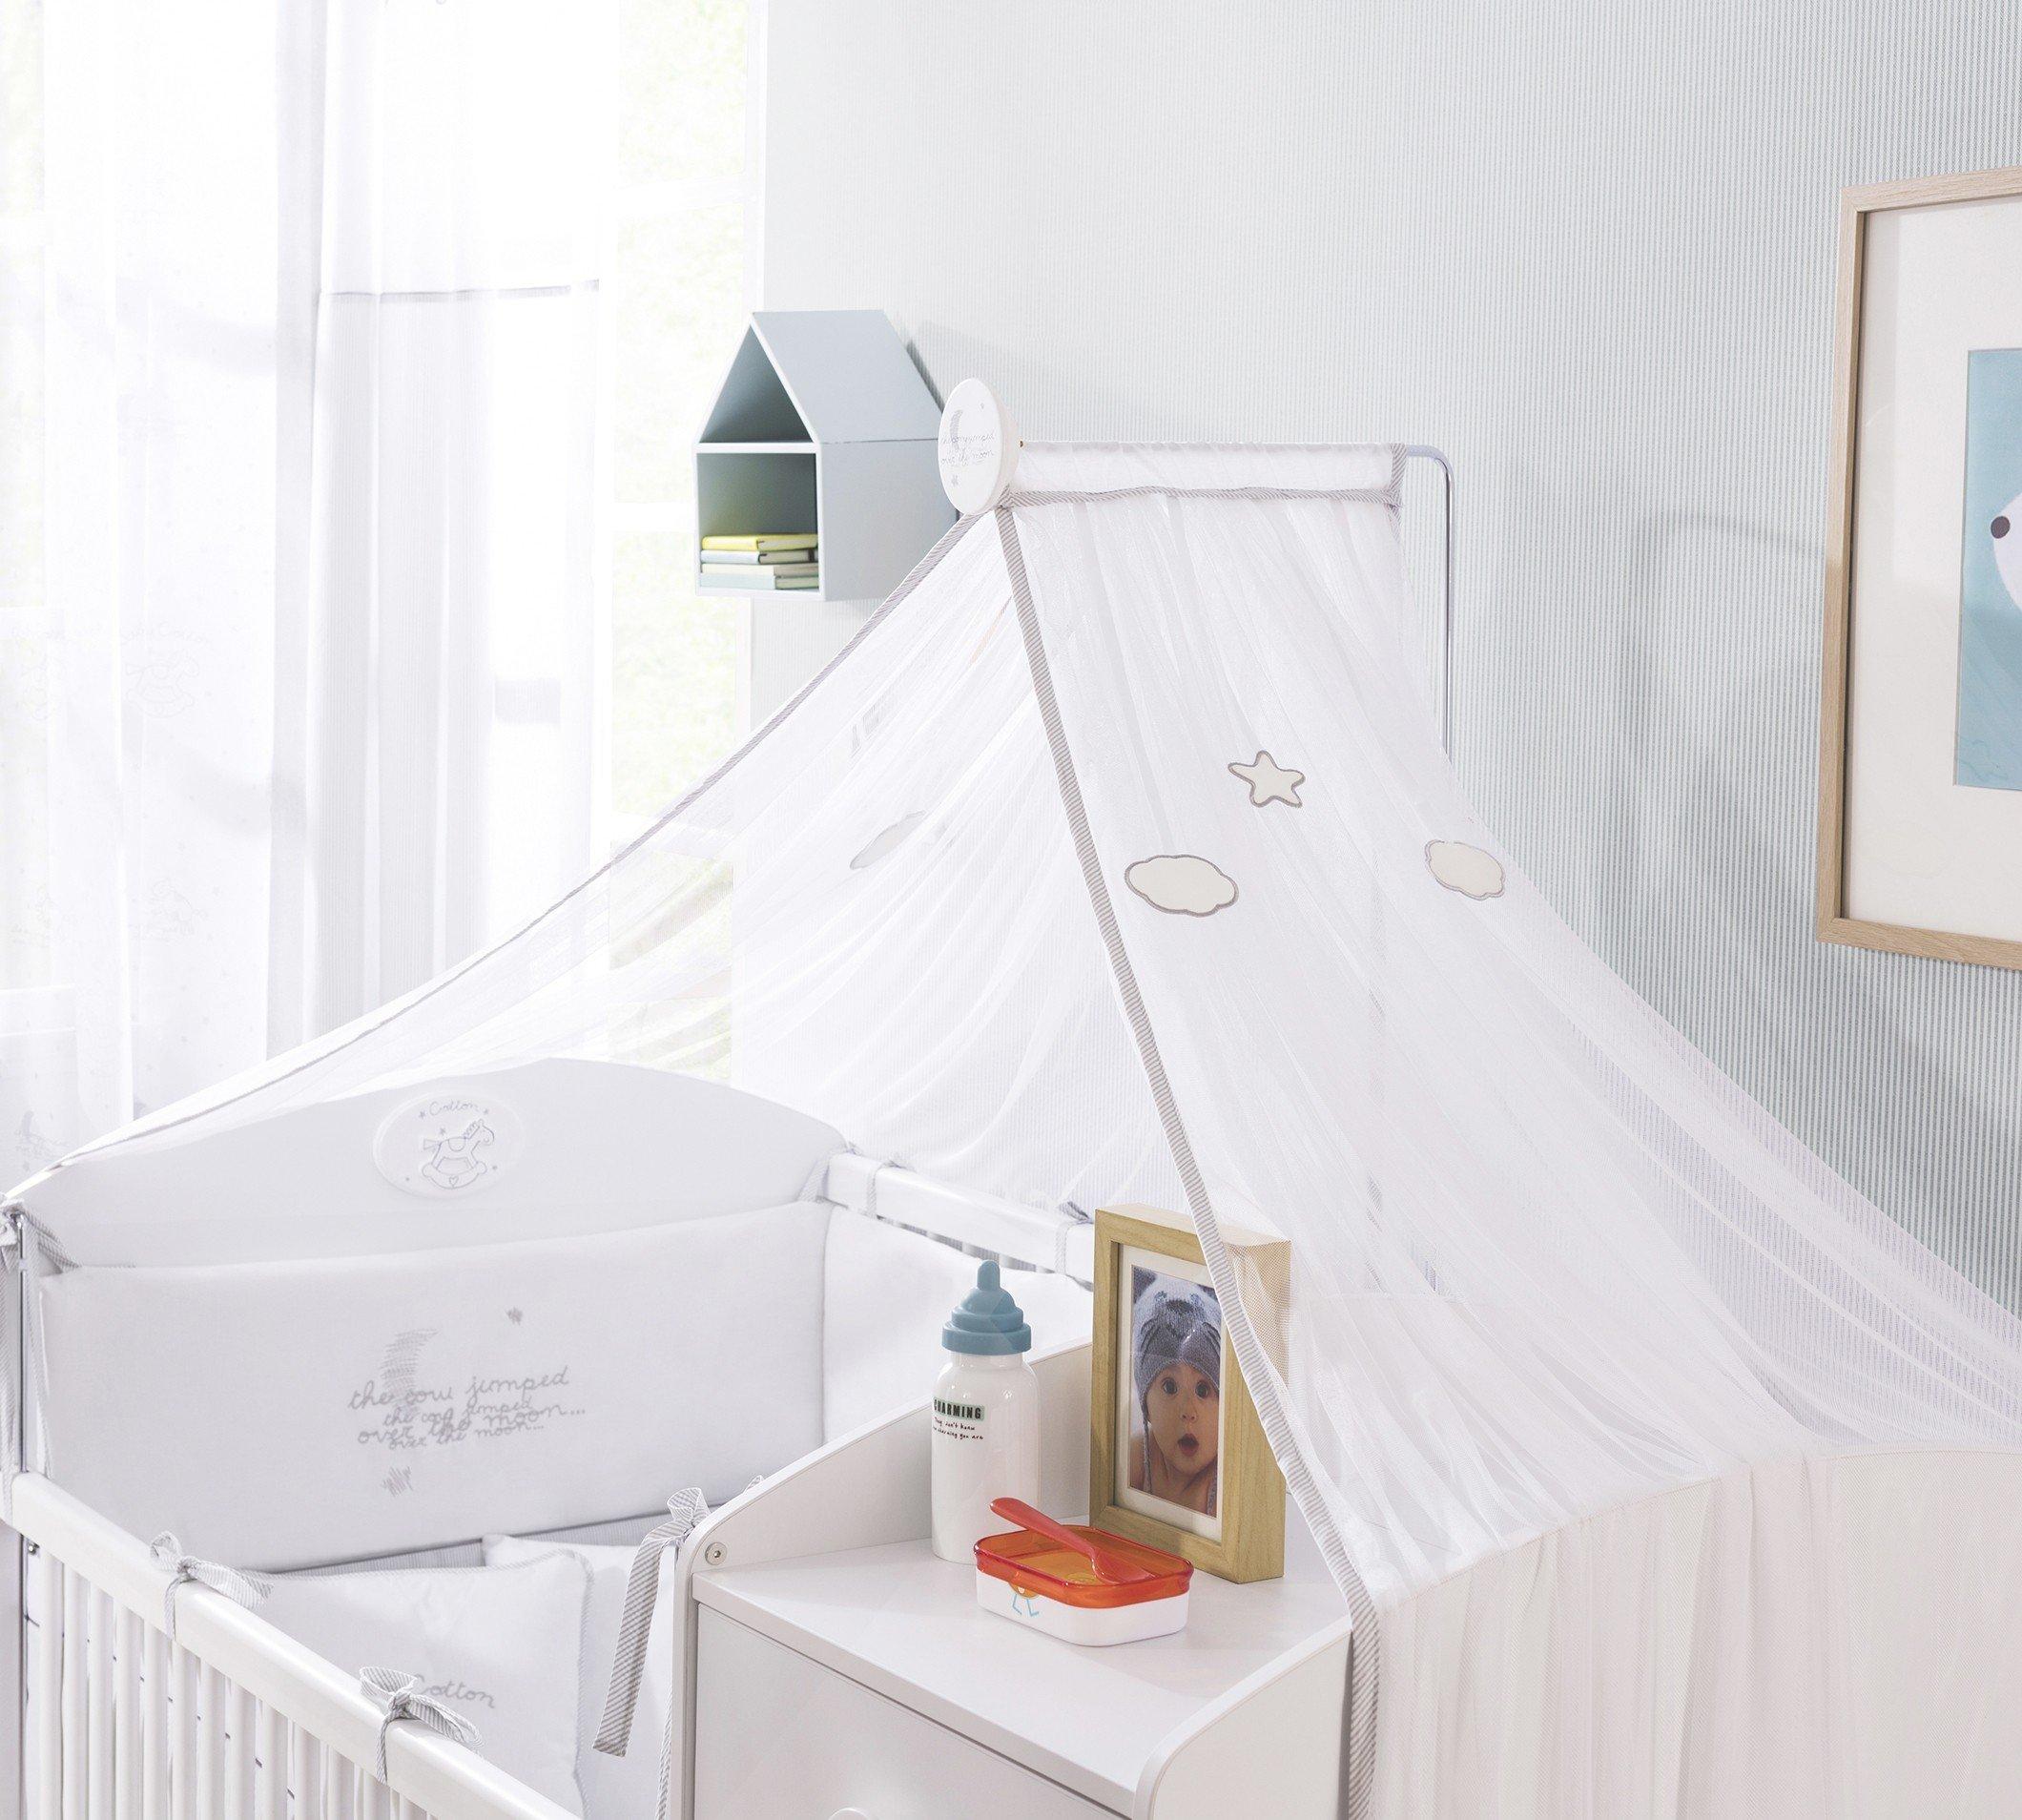 betthimmel baby cotton panda kinderm bel. Black Bedroom Furniture Sets. Home Design Ideas